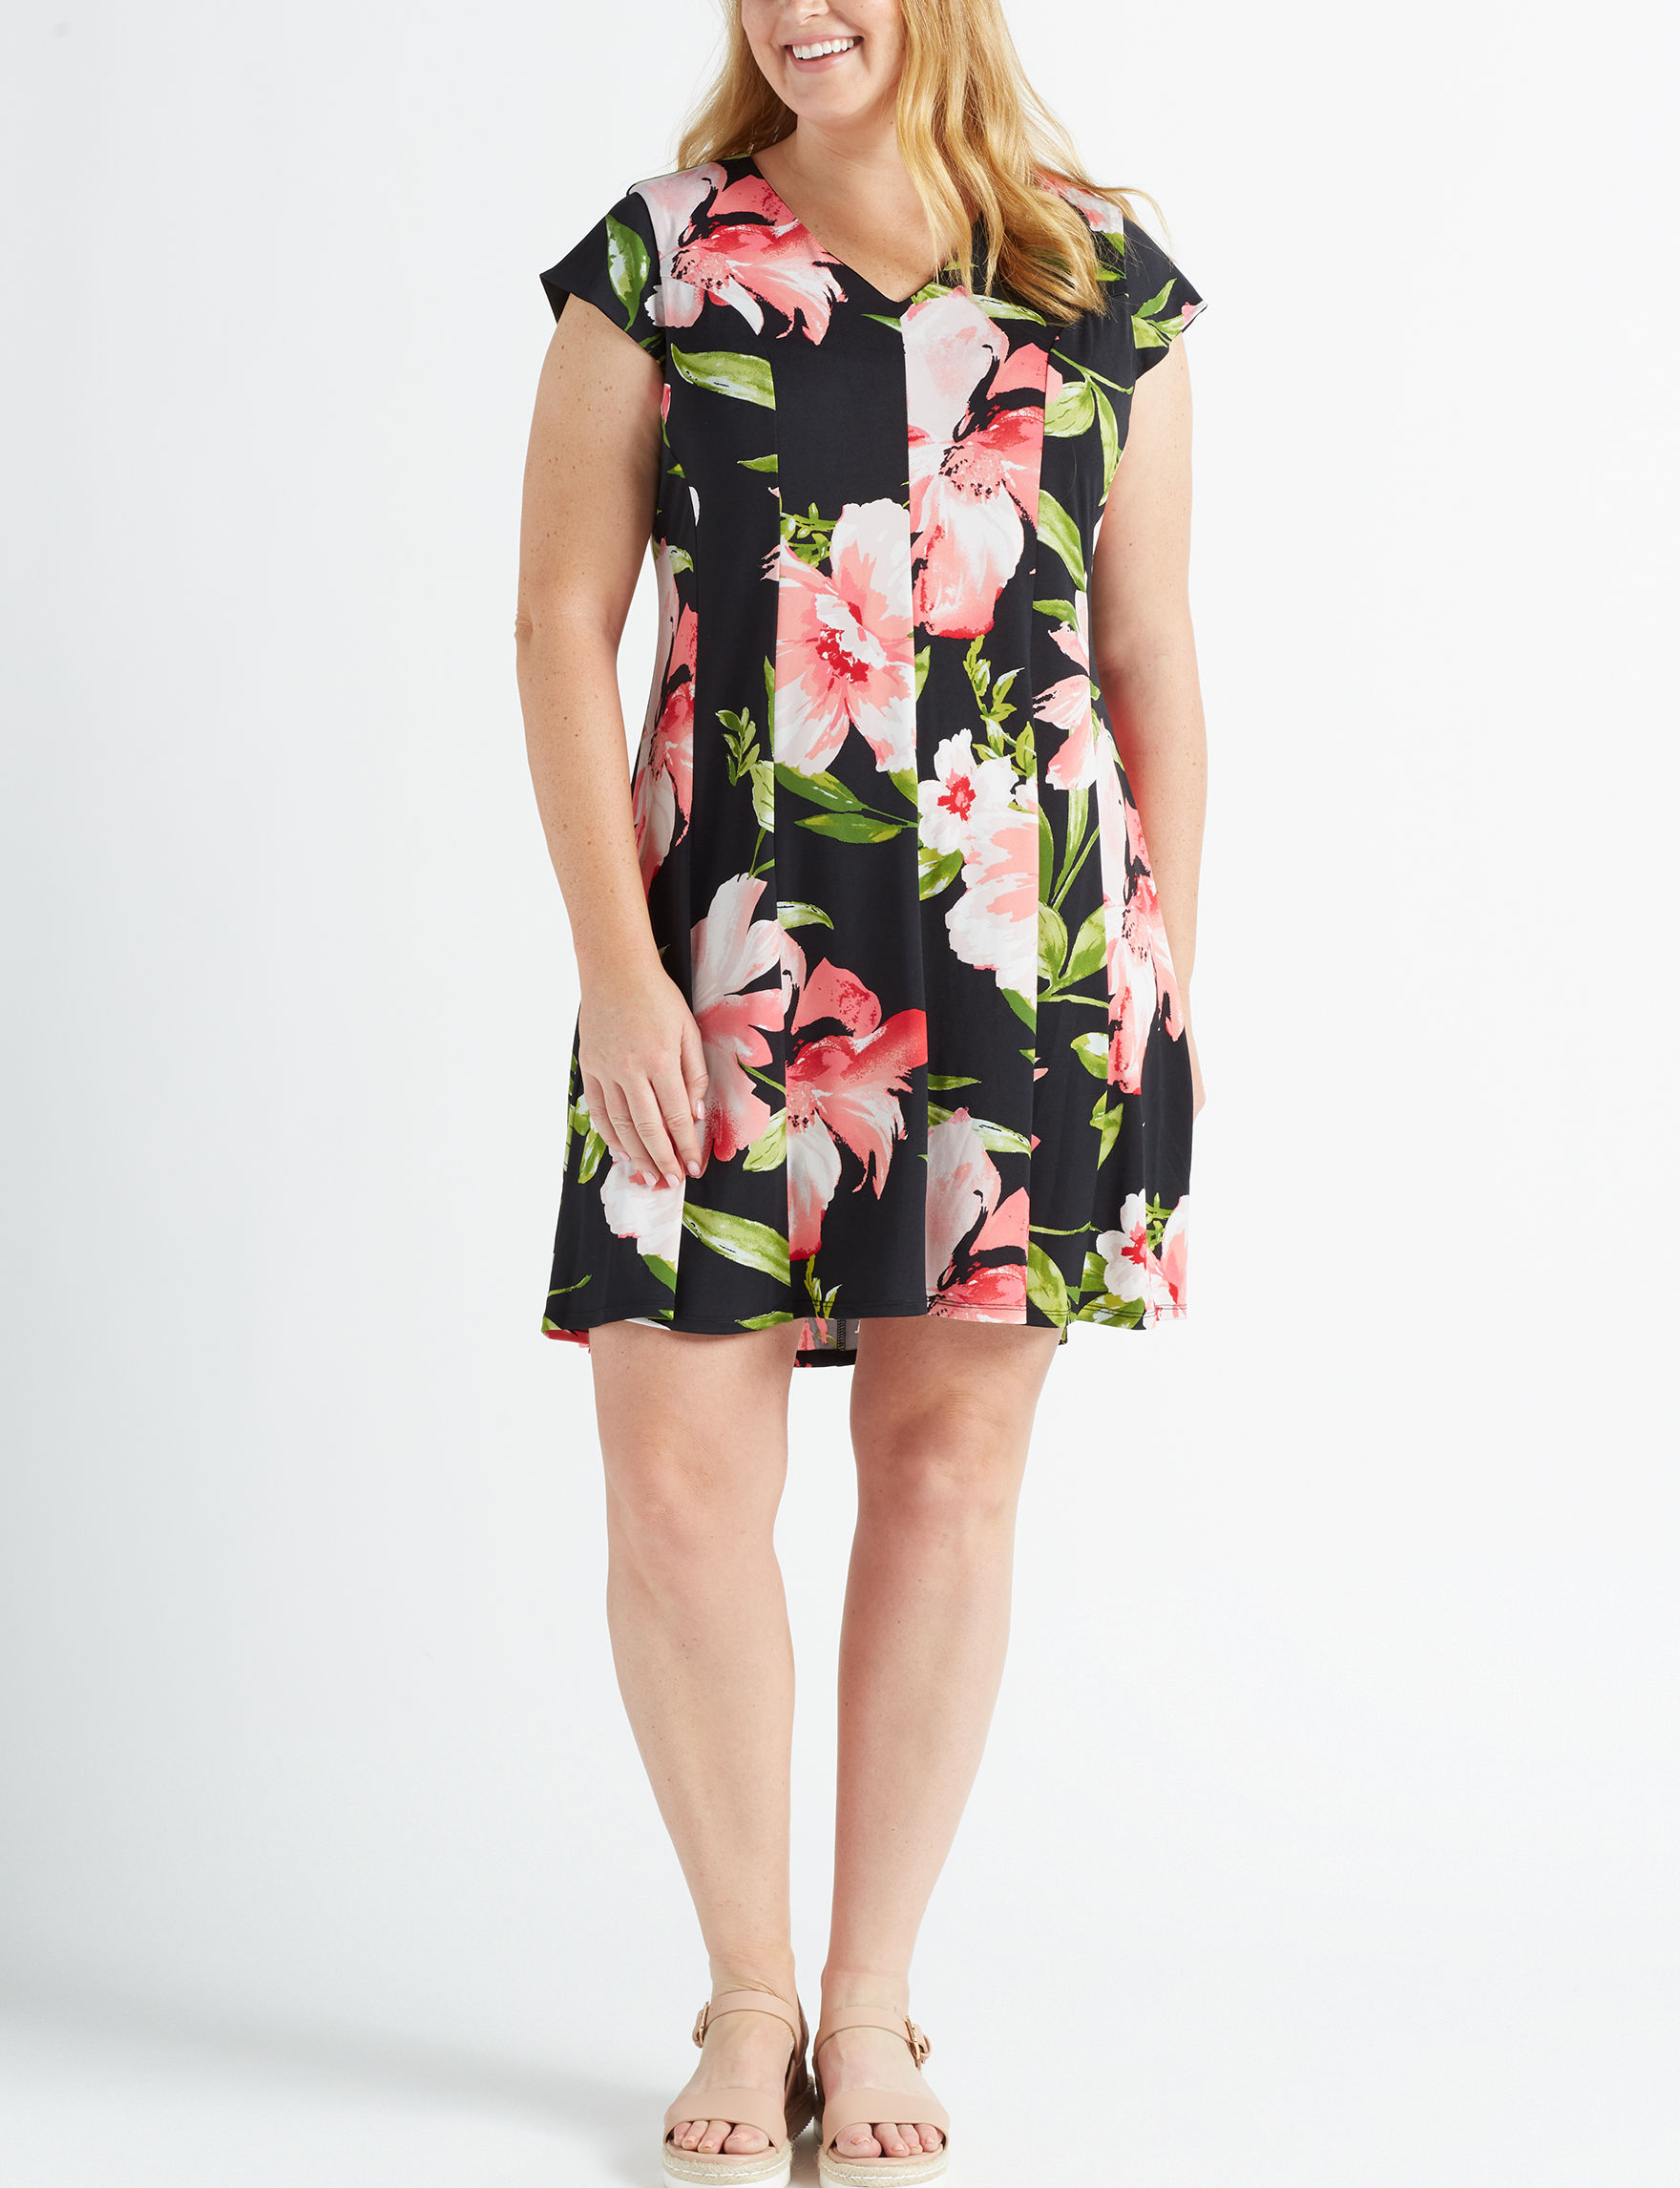 Violet B. Black Floral Evening & Formal A-line Dresses